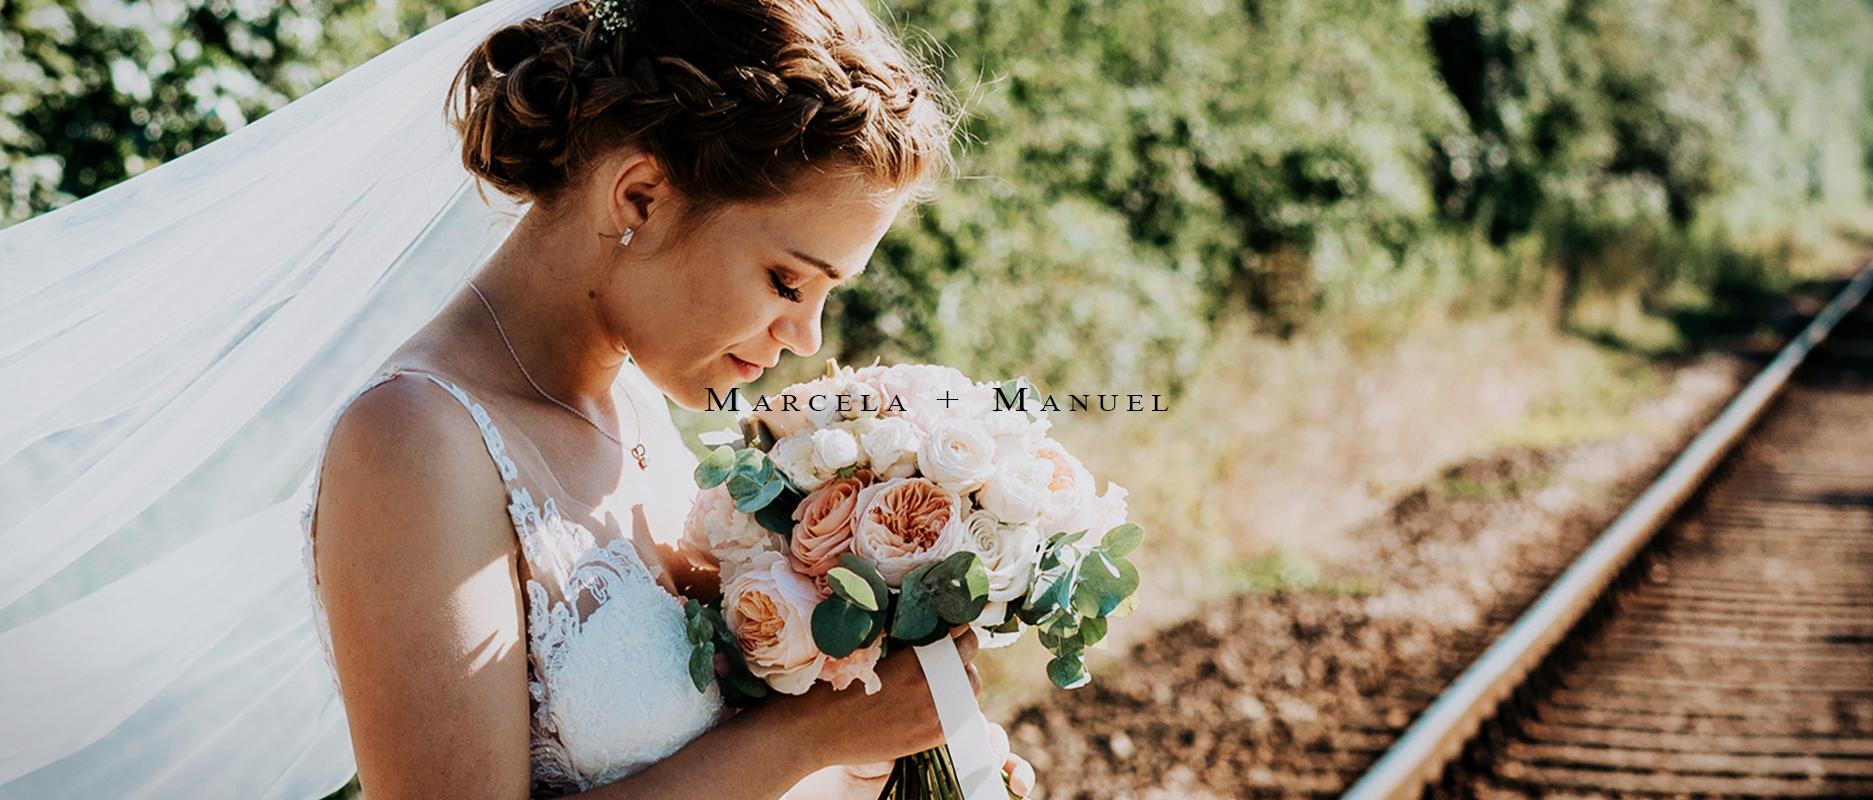 Marcela + Manuel   Atzenbrugg, Österreich   diamond country club, Atzenbrugg